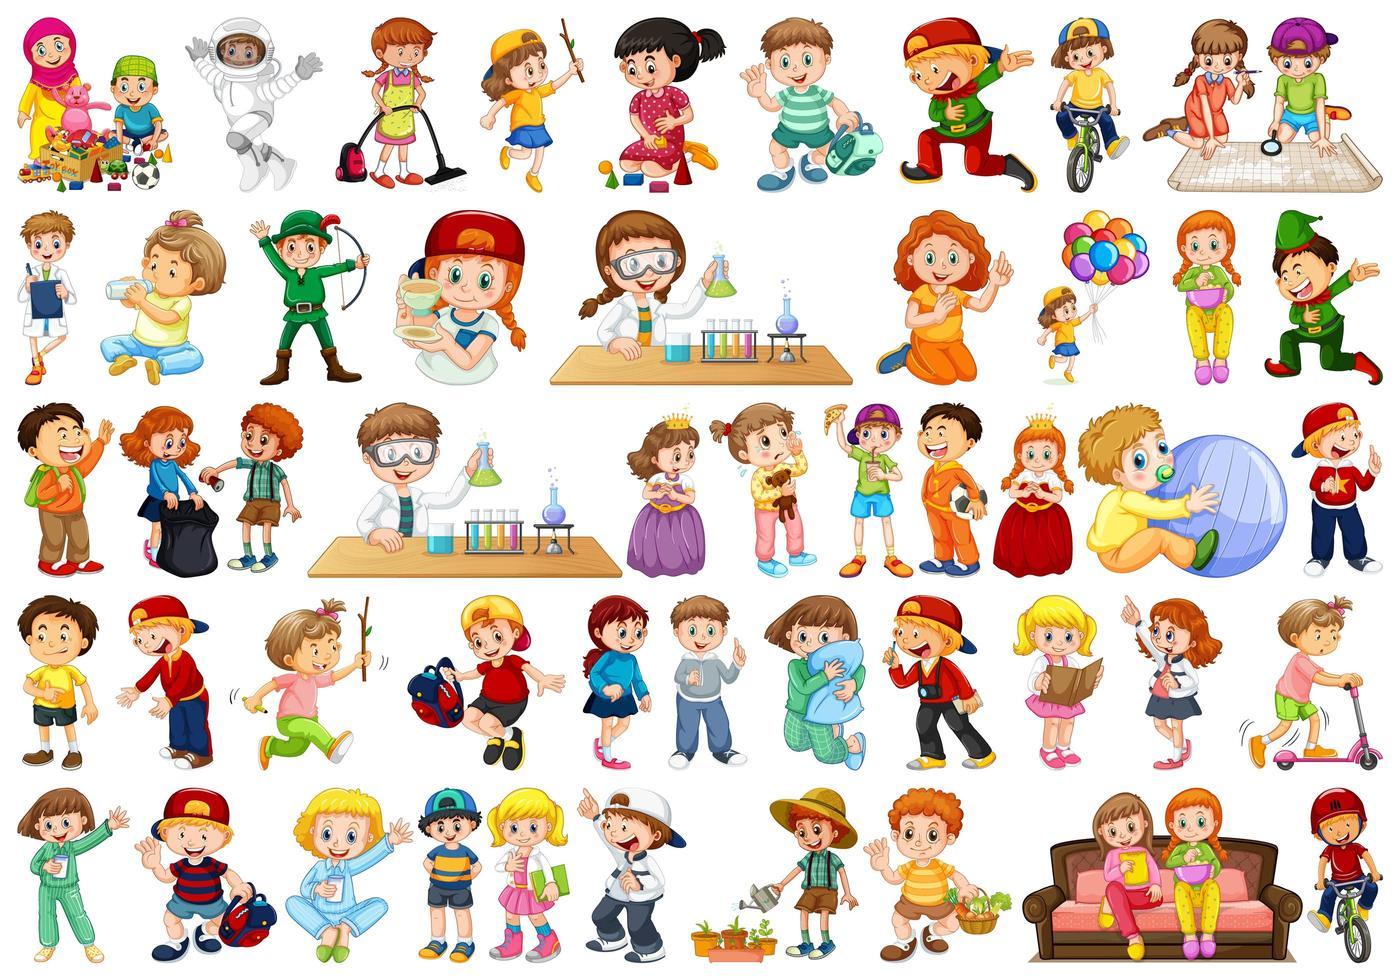 Große Anzahl aktiver Kinder vektor